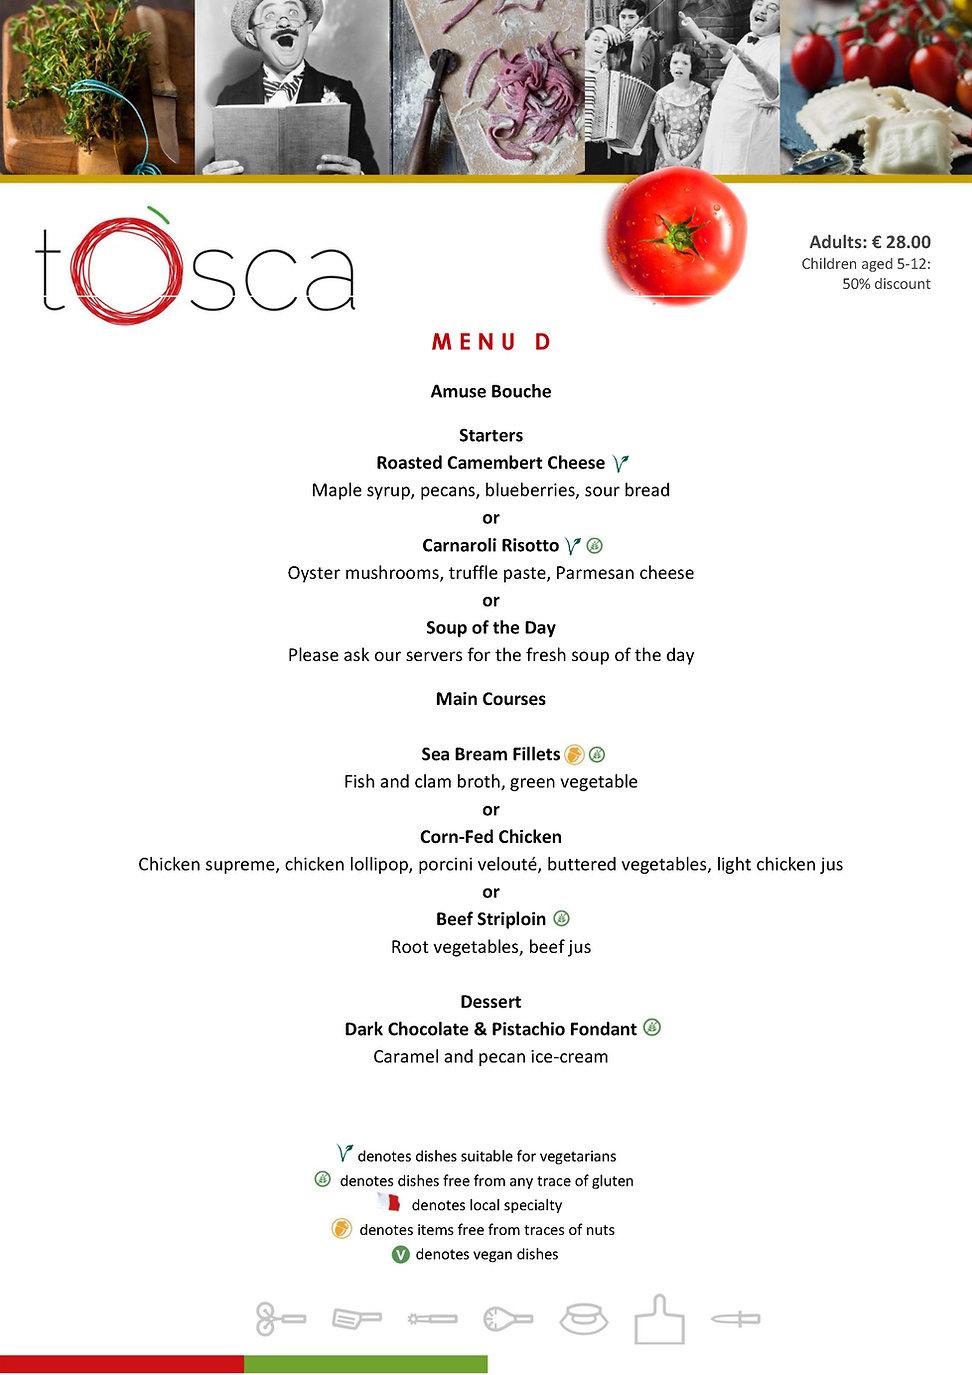 Tosca New Set Menus 2020_Page_4.jpg